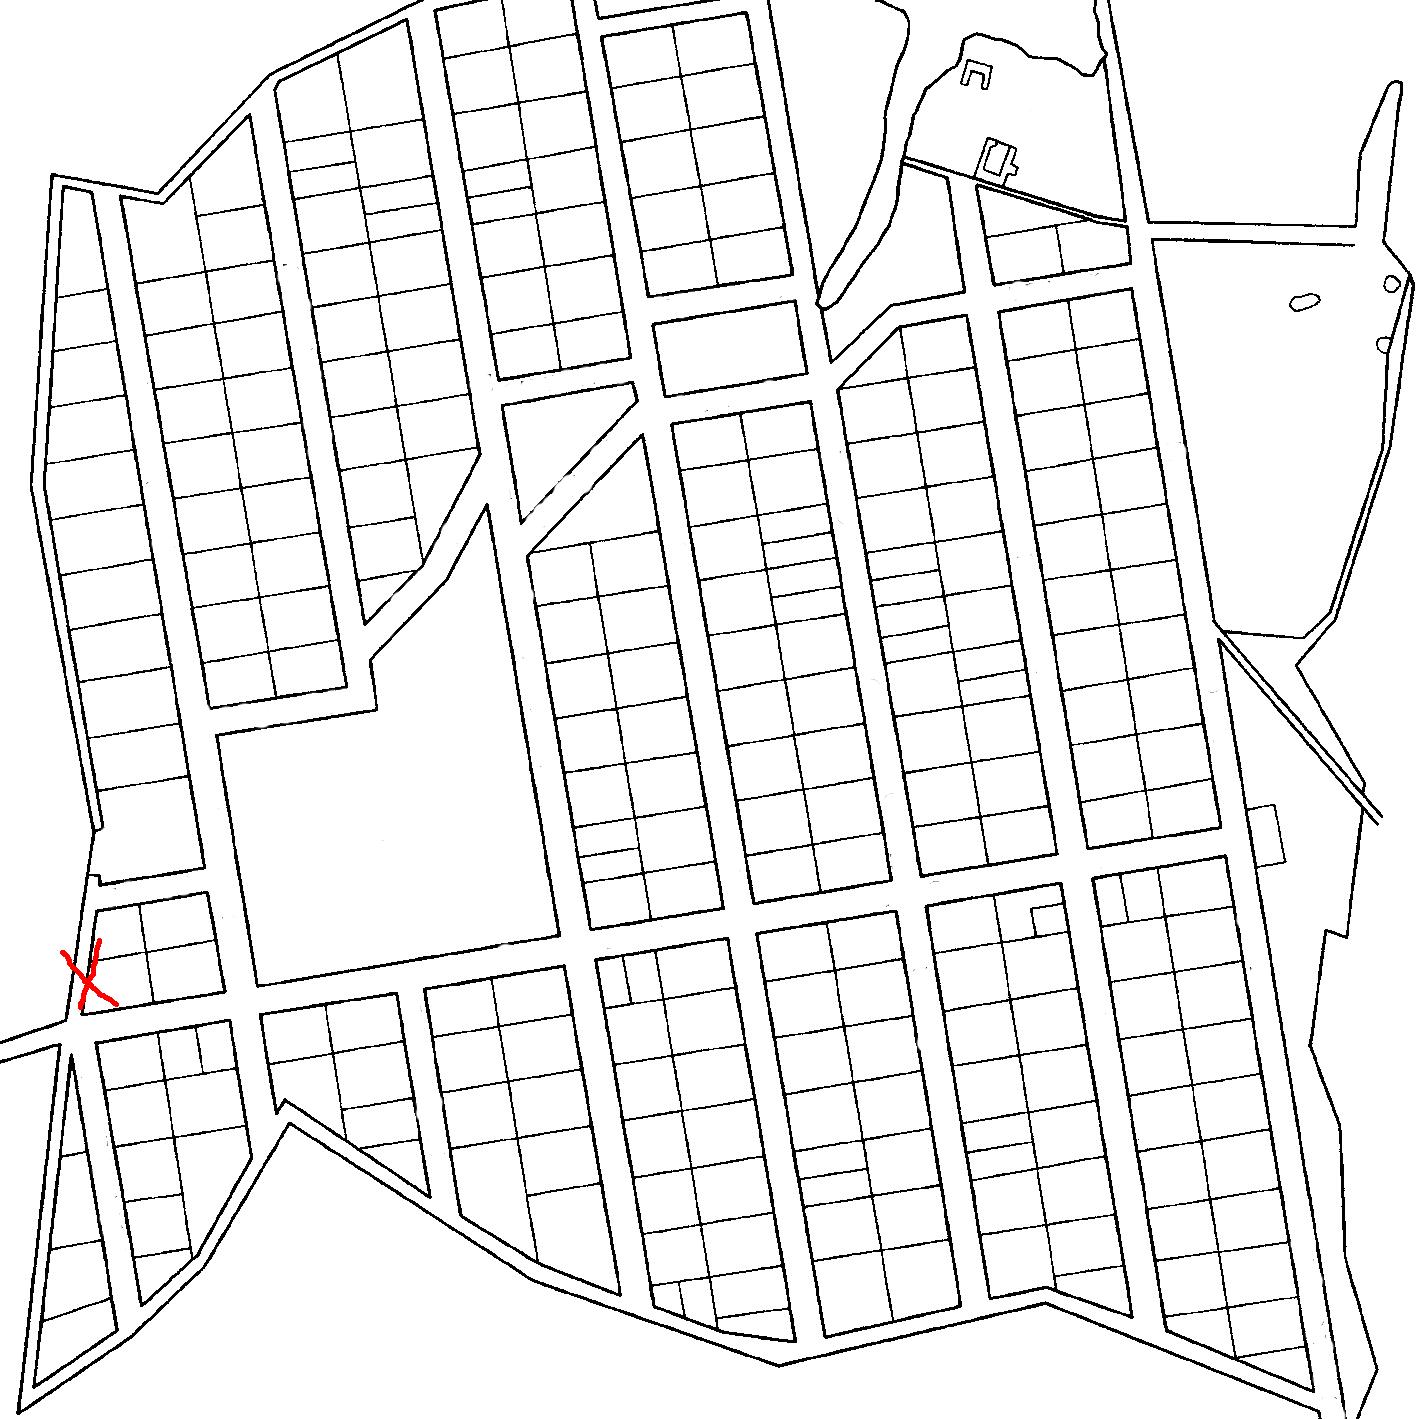 2 й вышеславцев переулок д 5a схема проезда